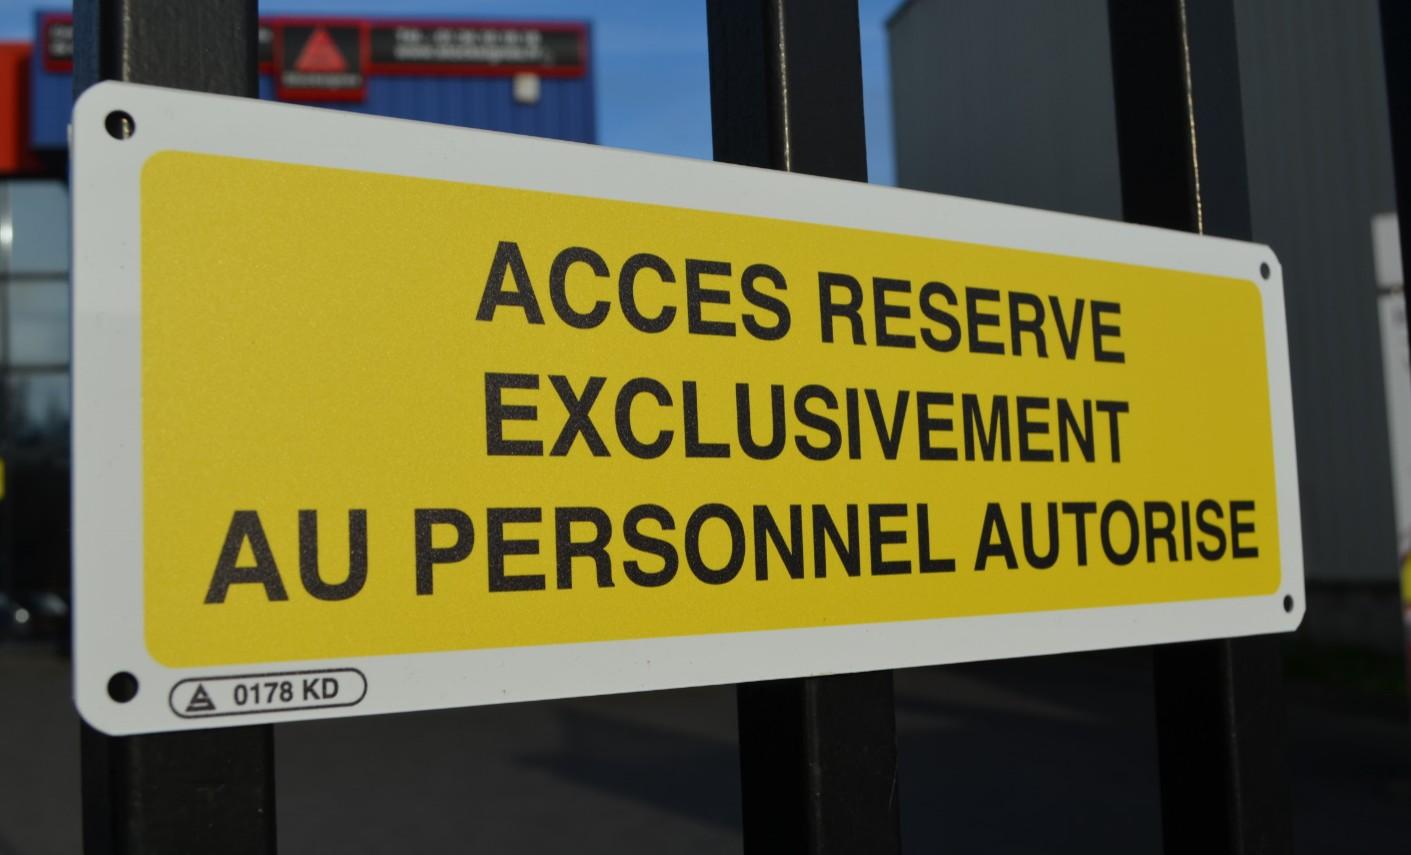 Panneau Accès Réservé exclusivement au Personnel autorisé